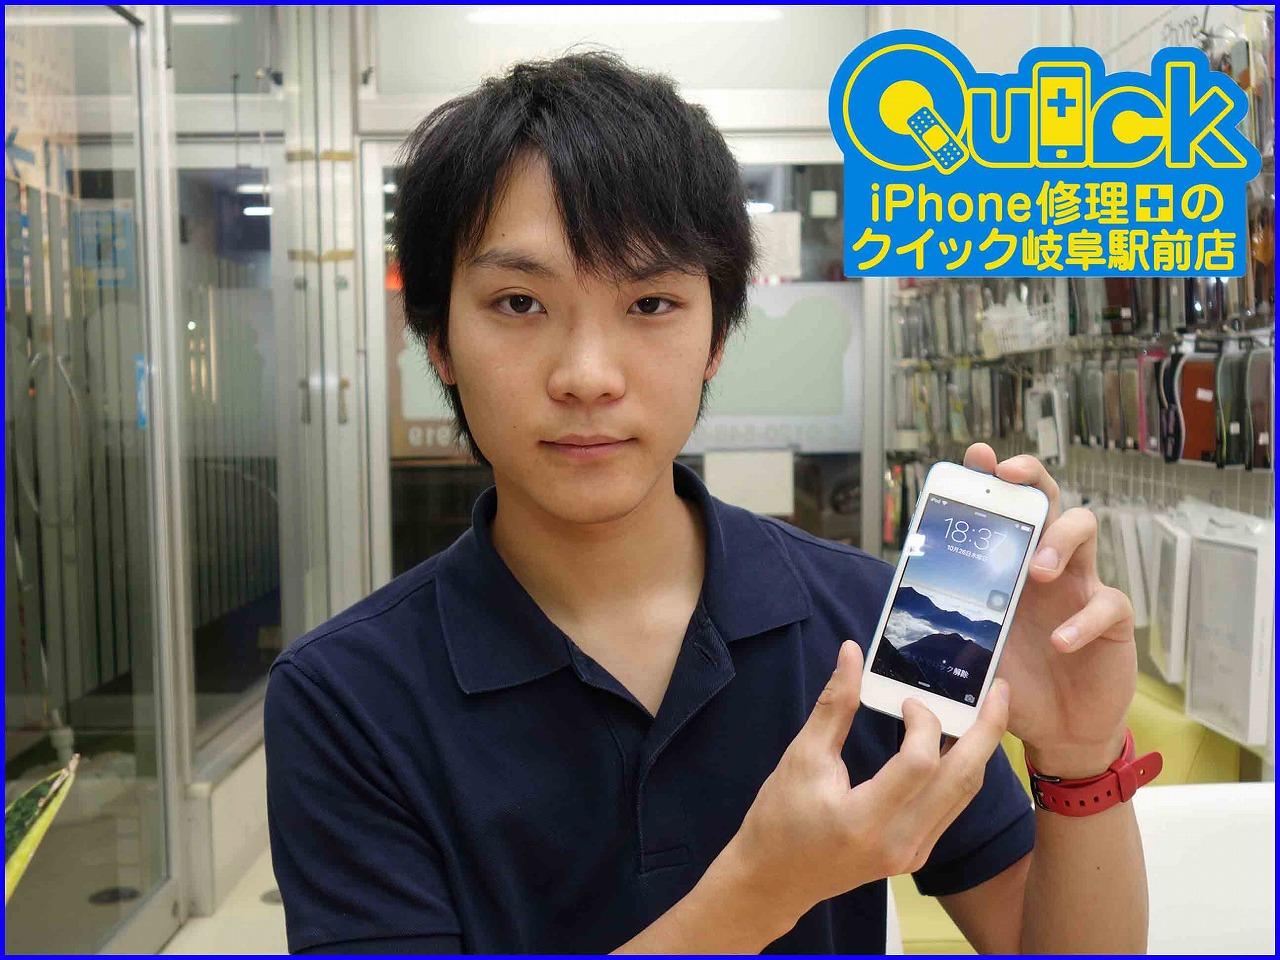 ☆iPod touch5のホームボタン交換修理に岐阜市よりご来店!iPod修理もクイック岐阜